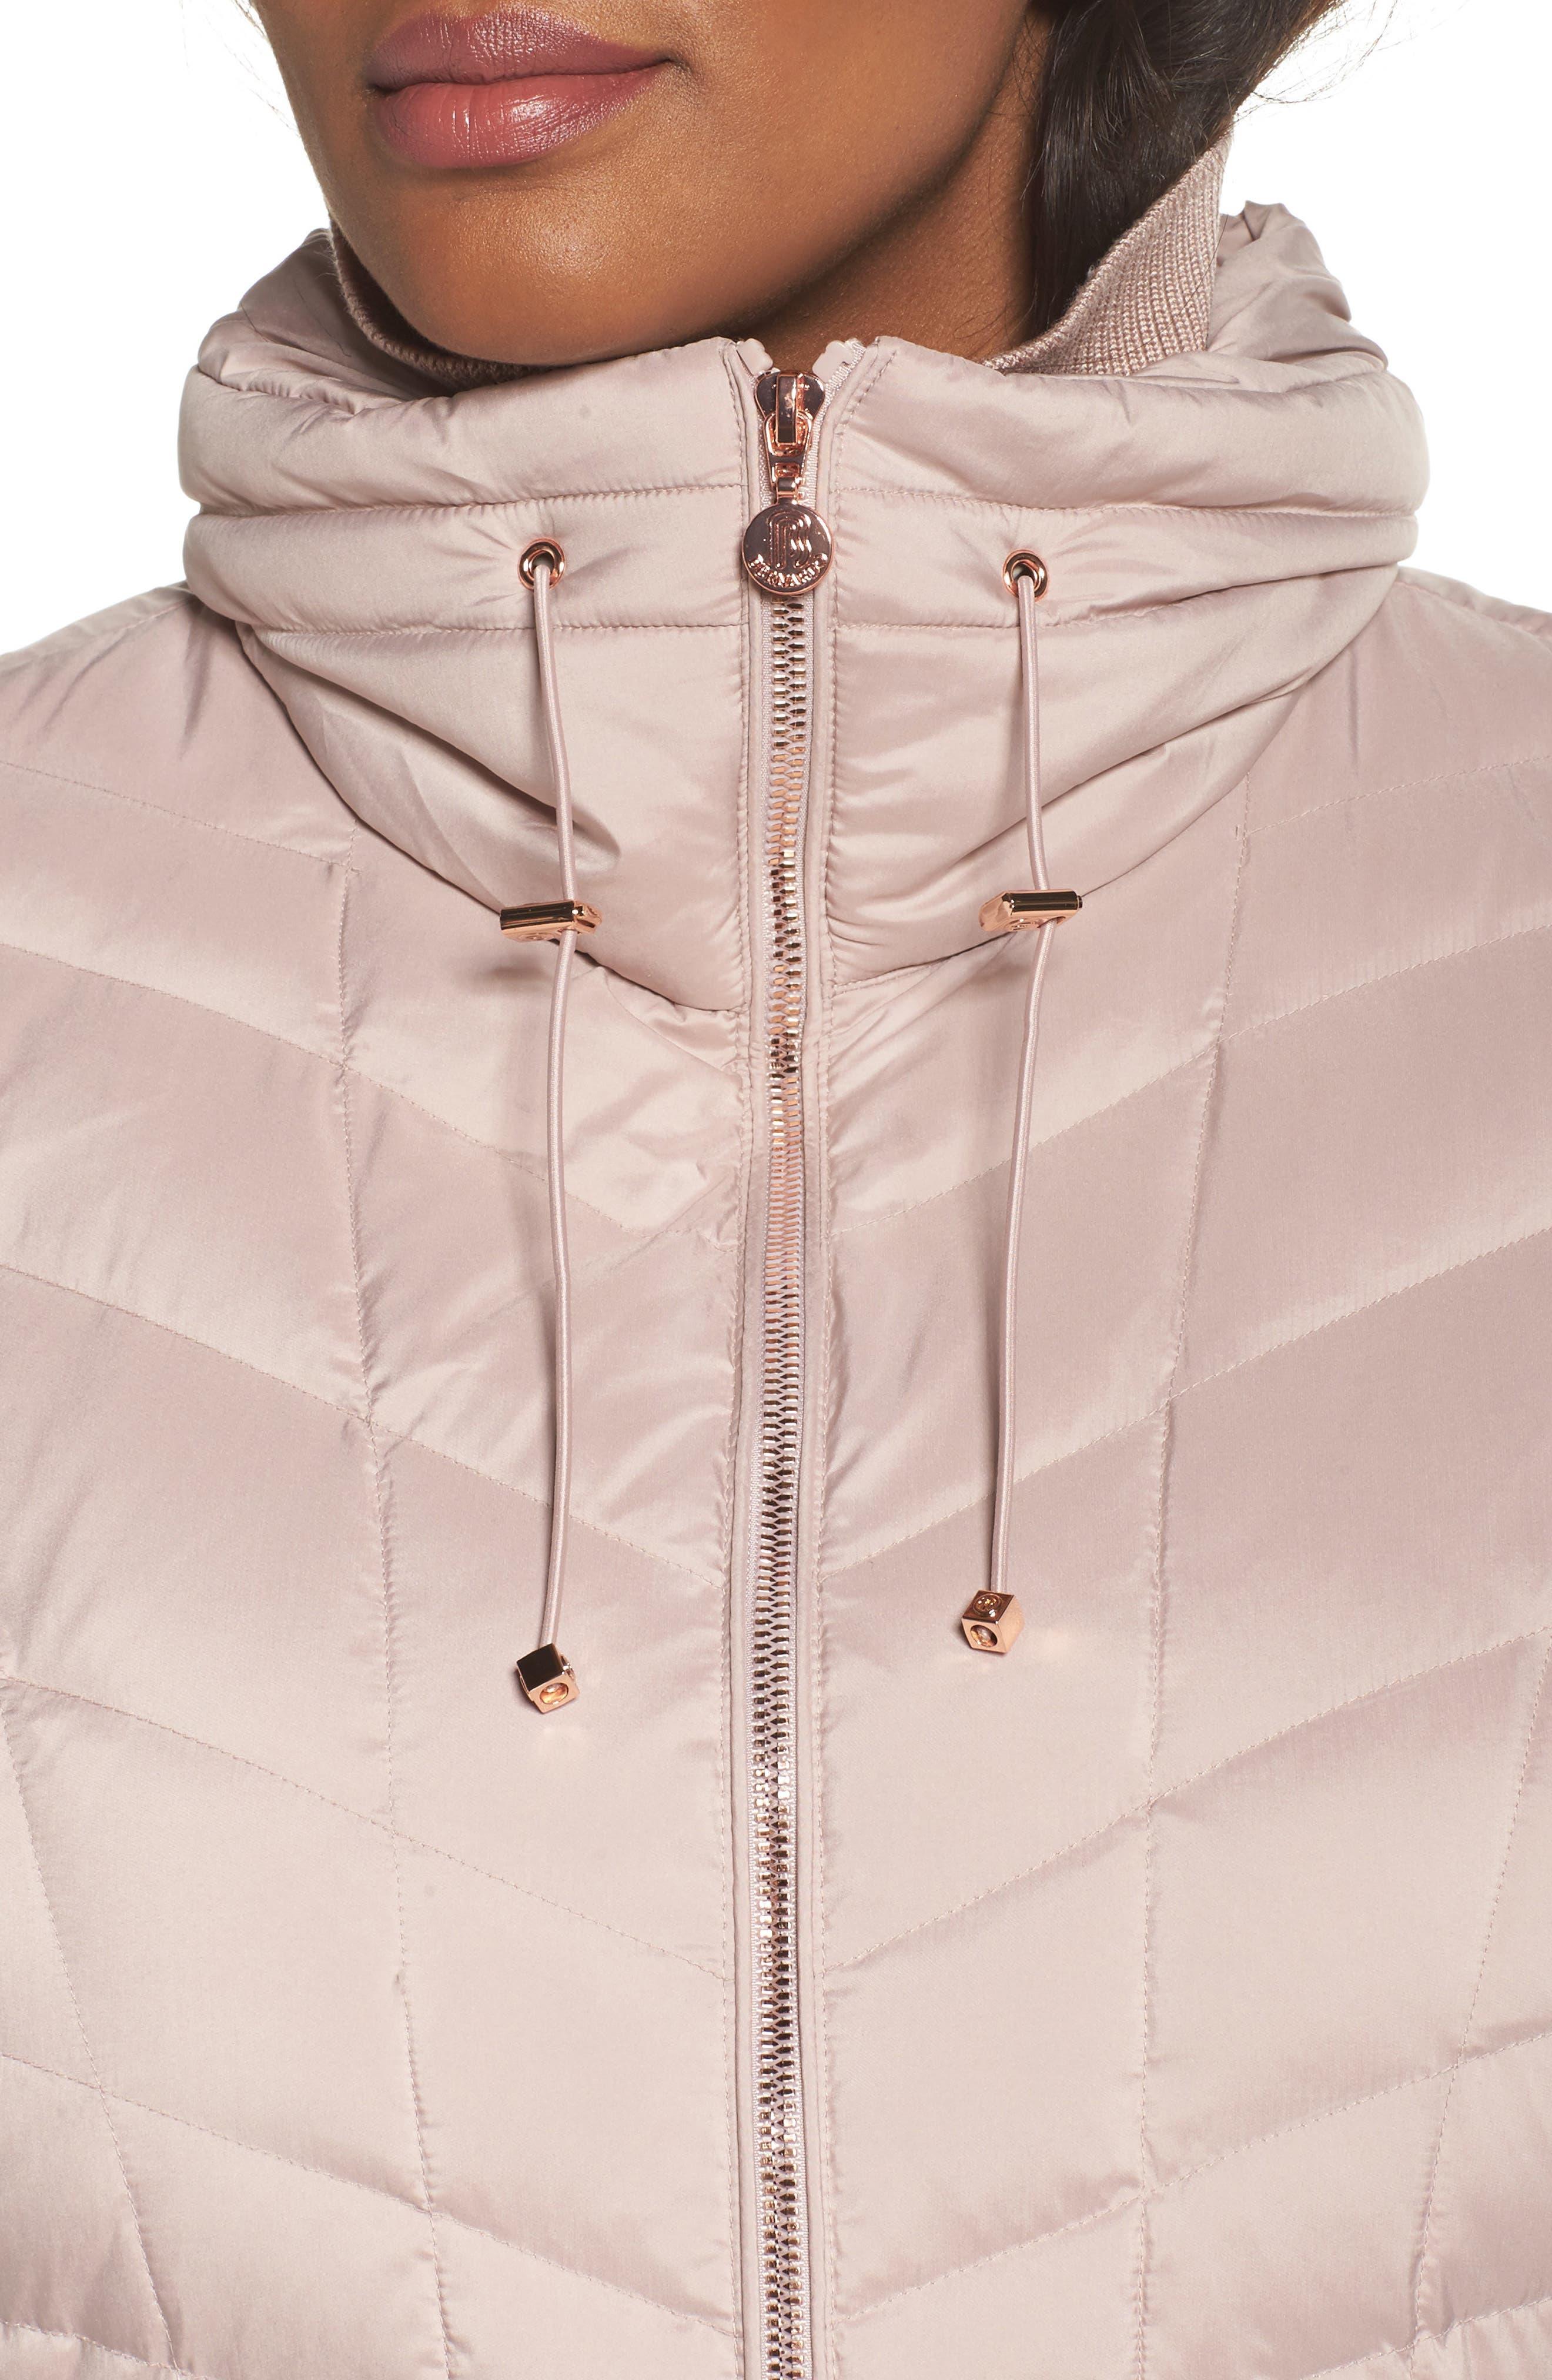 Packable Water Resistant Down & PrimaLoft<sup>®</sup> Coat,                             Alternate thumbnail 4, color,                             Petal Pink/ Snow Leopard